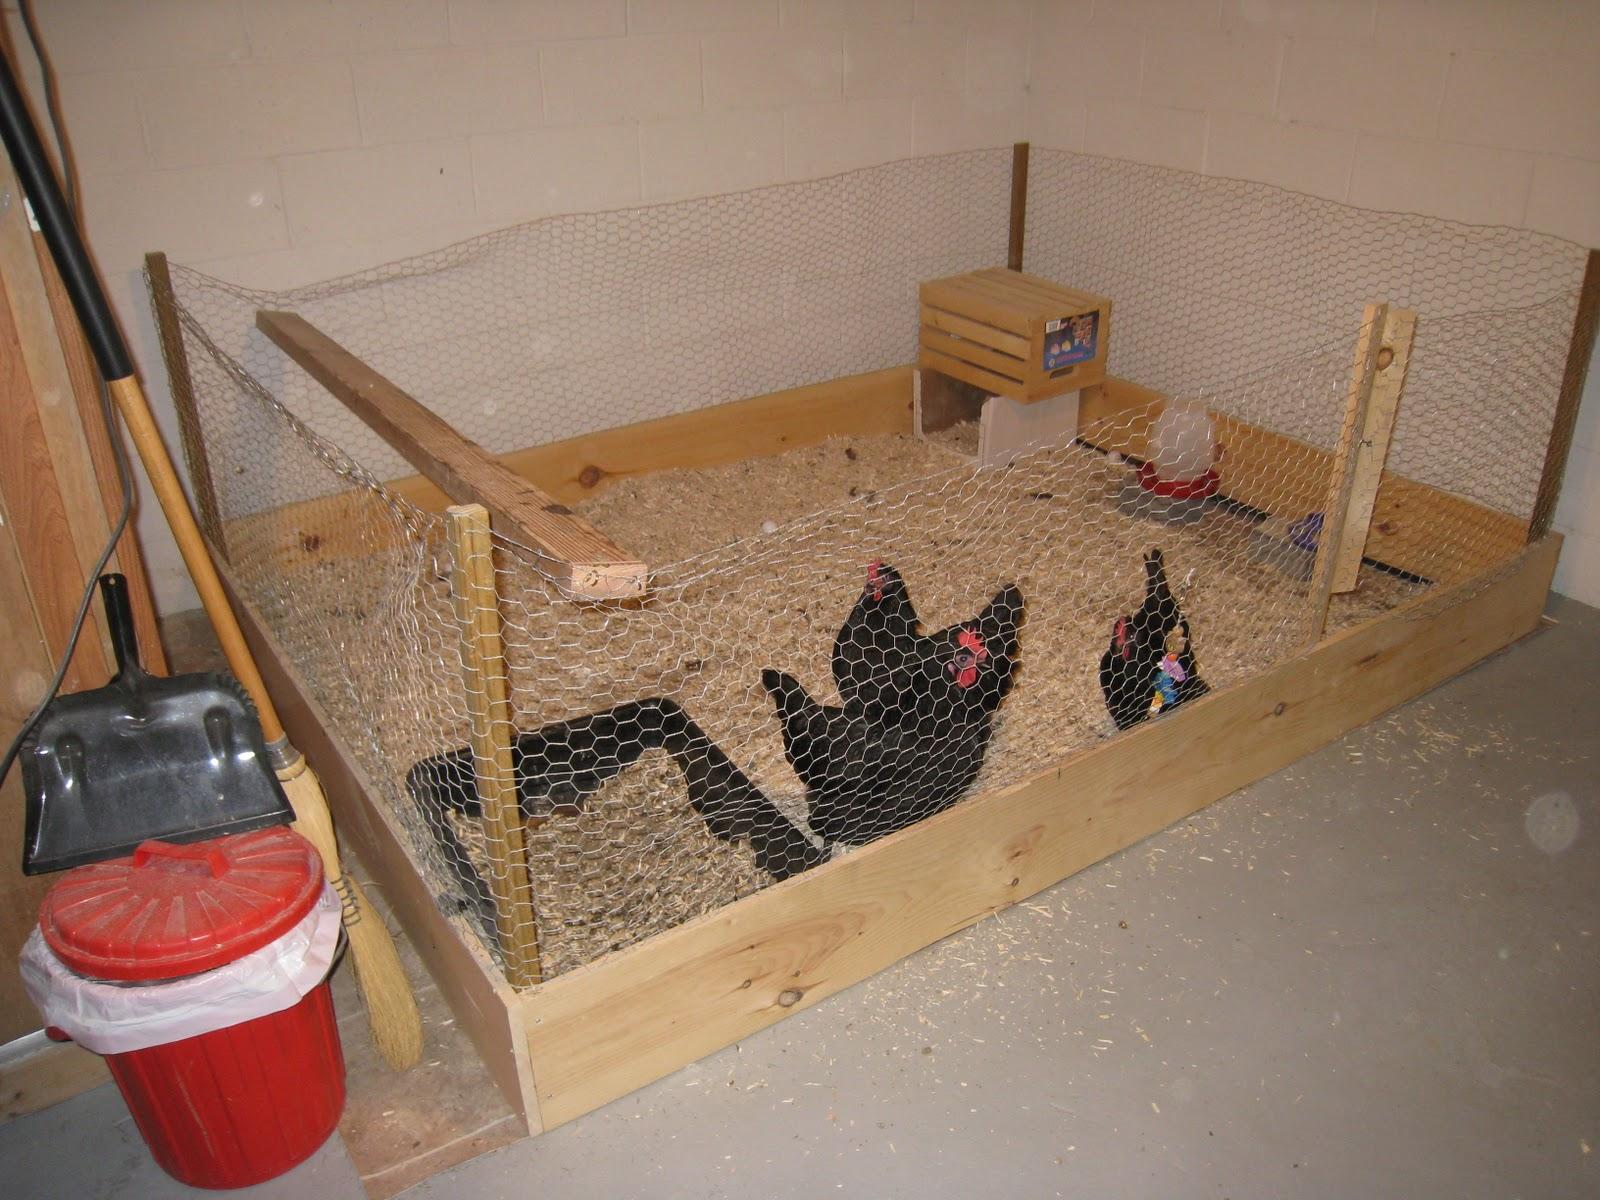 Clandestine Chickens Clandestine Chicken Care Overview